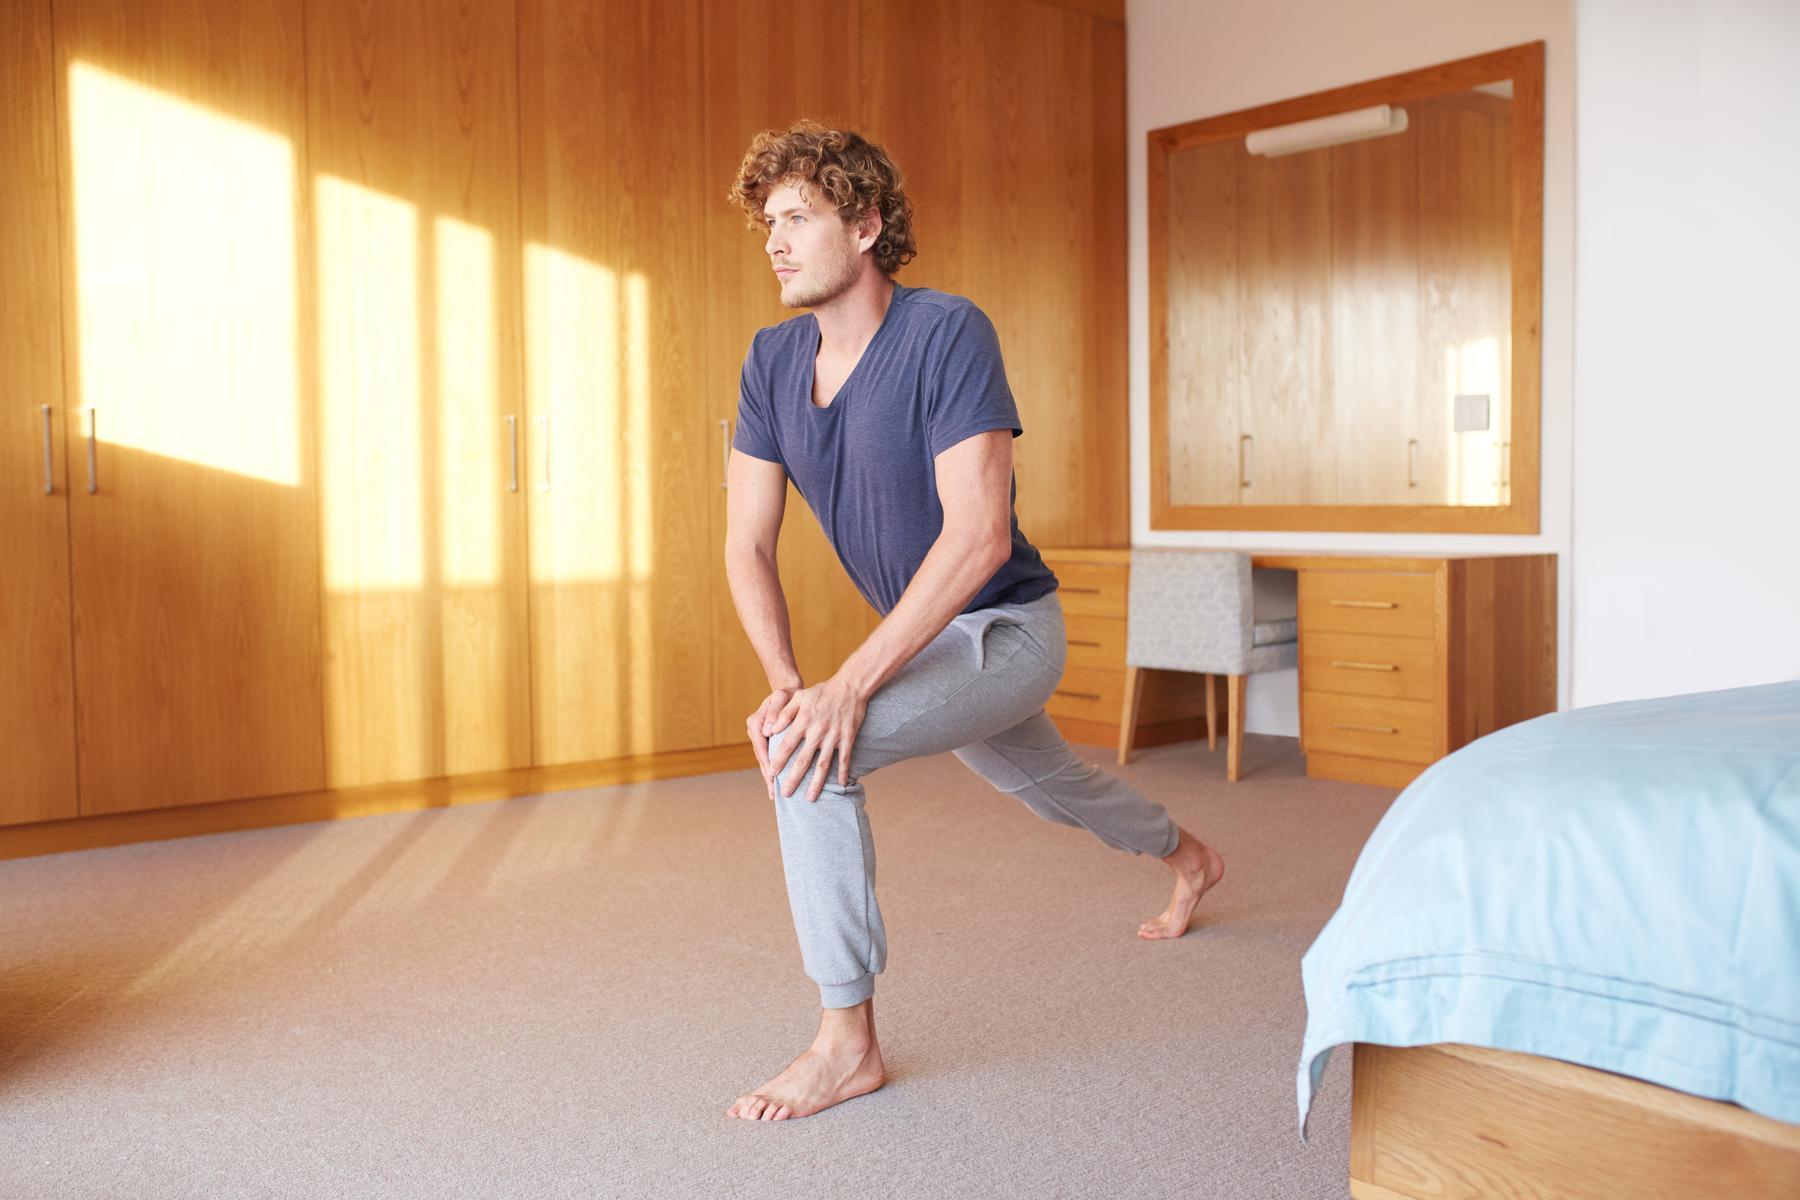 Kako izgraditi mišiće nogu kod kuće